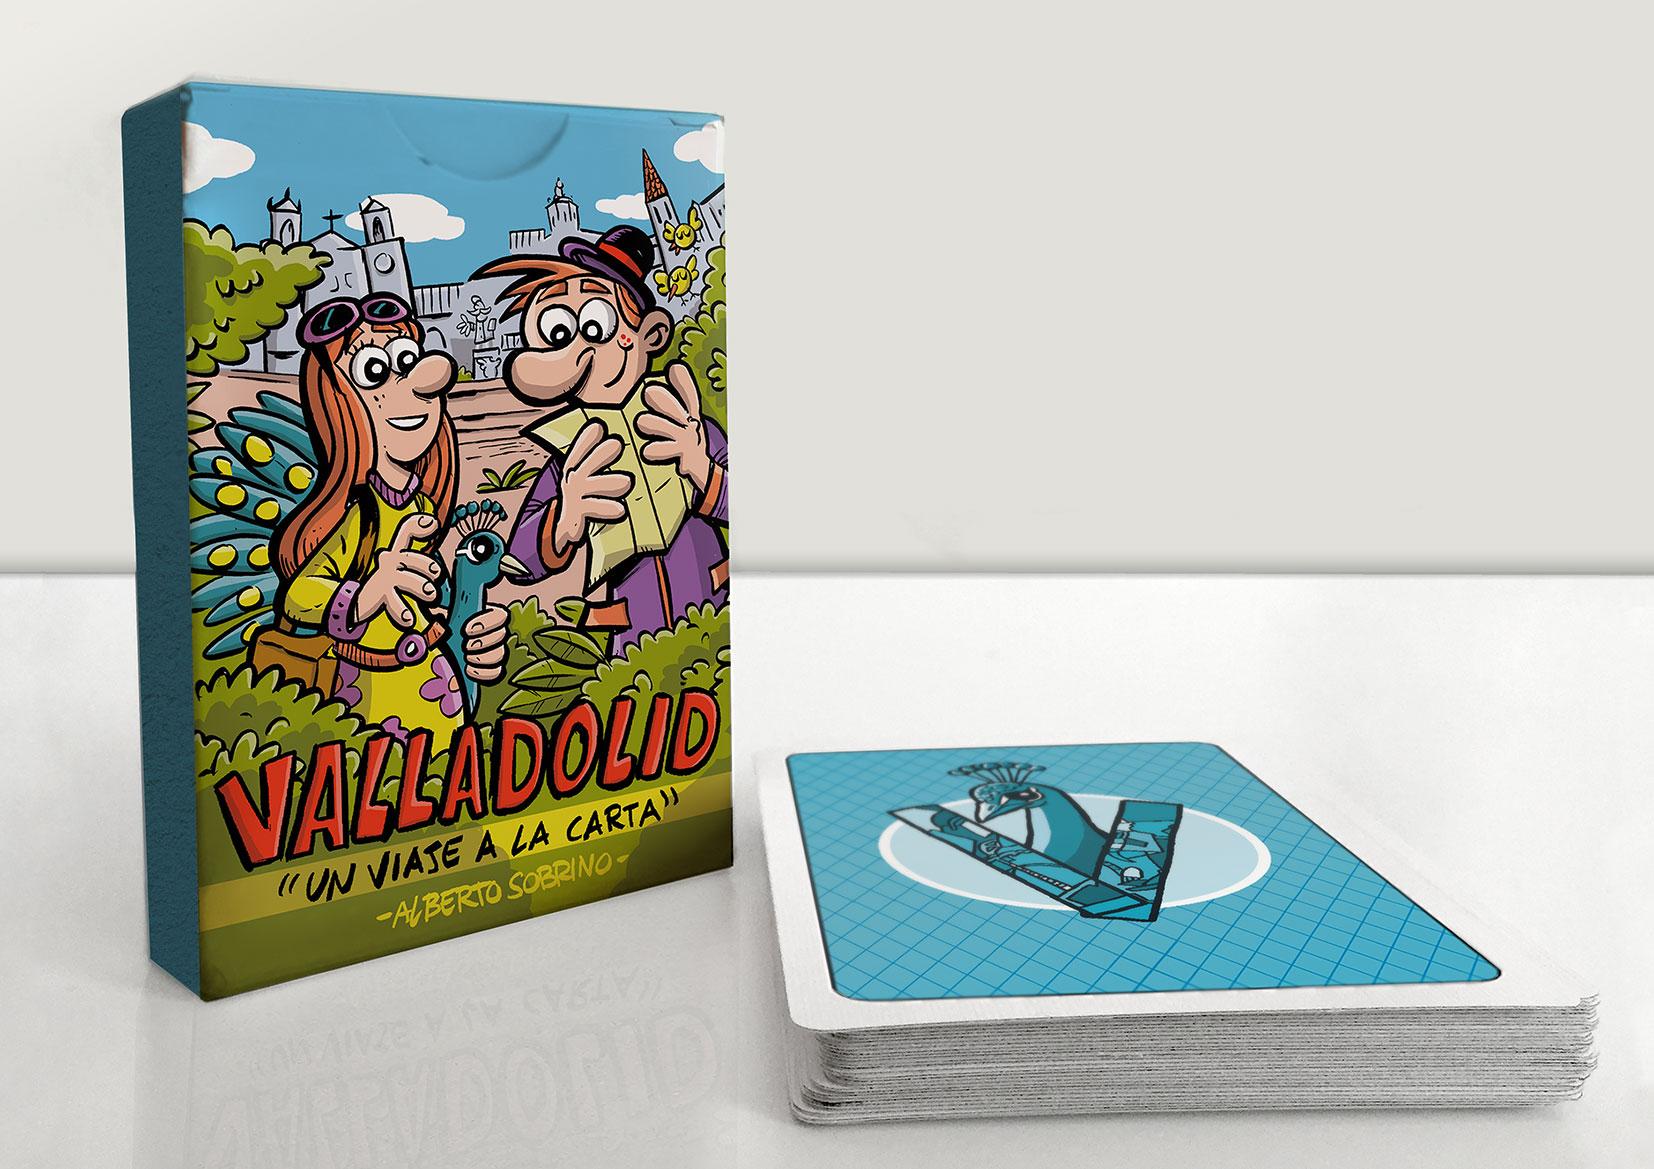 Valladolid un viaje a la carta by Alberto Sobrino - Creative Work - $i